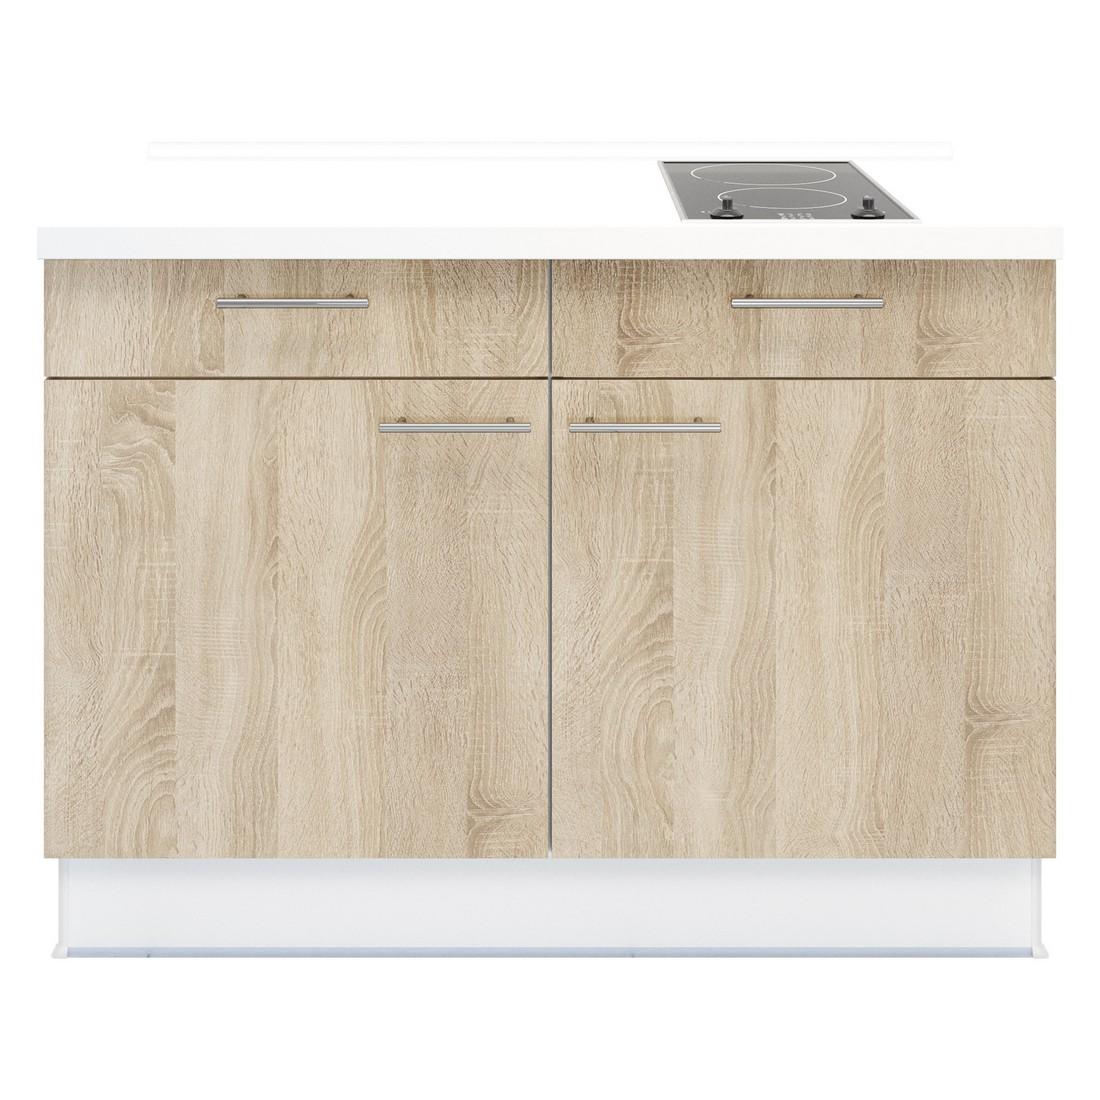 Kochschrank Basic – mit 2-Zonen Glaskeramik Kochfeld – Eiche Sonoma Dekor – Ausrichtung Rechts, Kiveda online bestellen